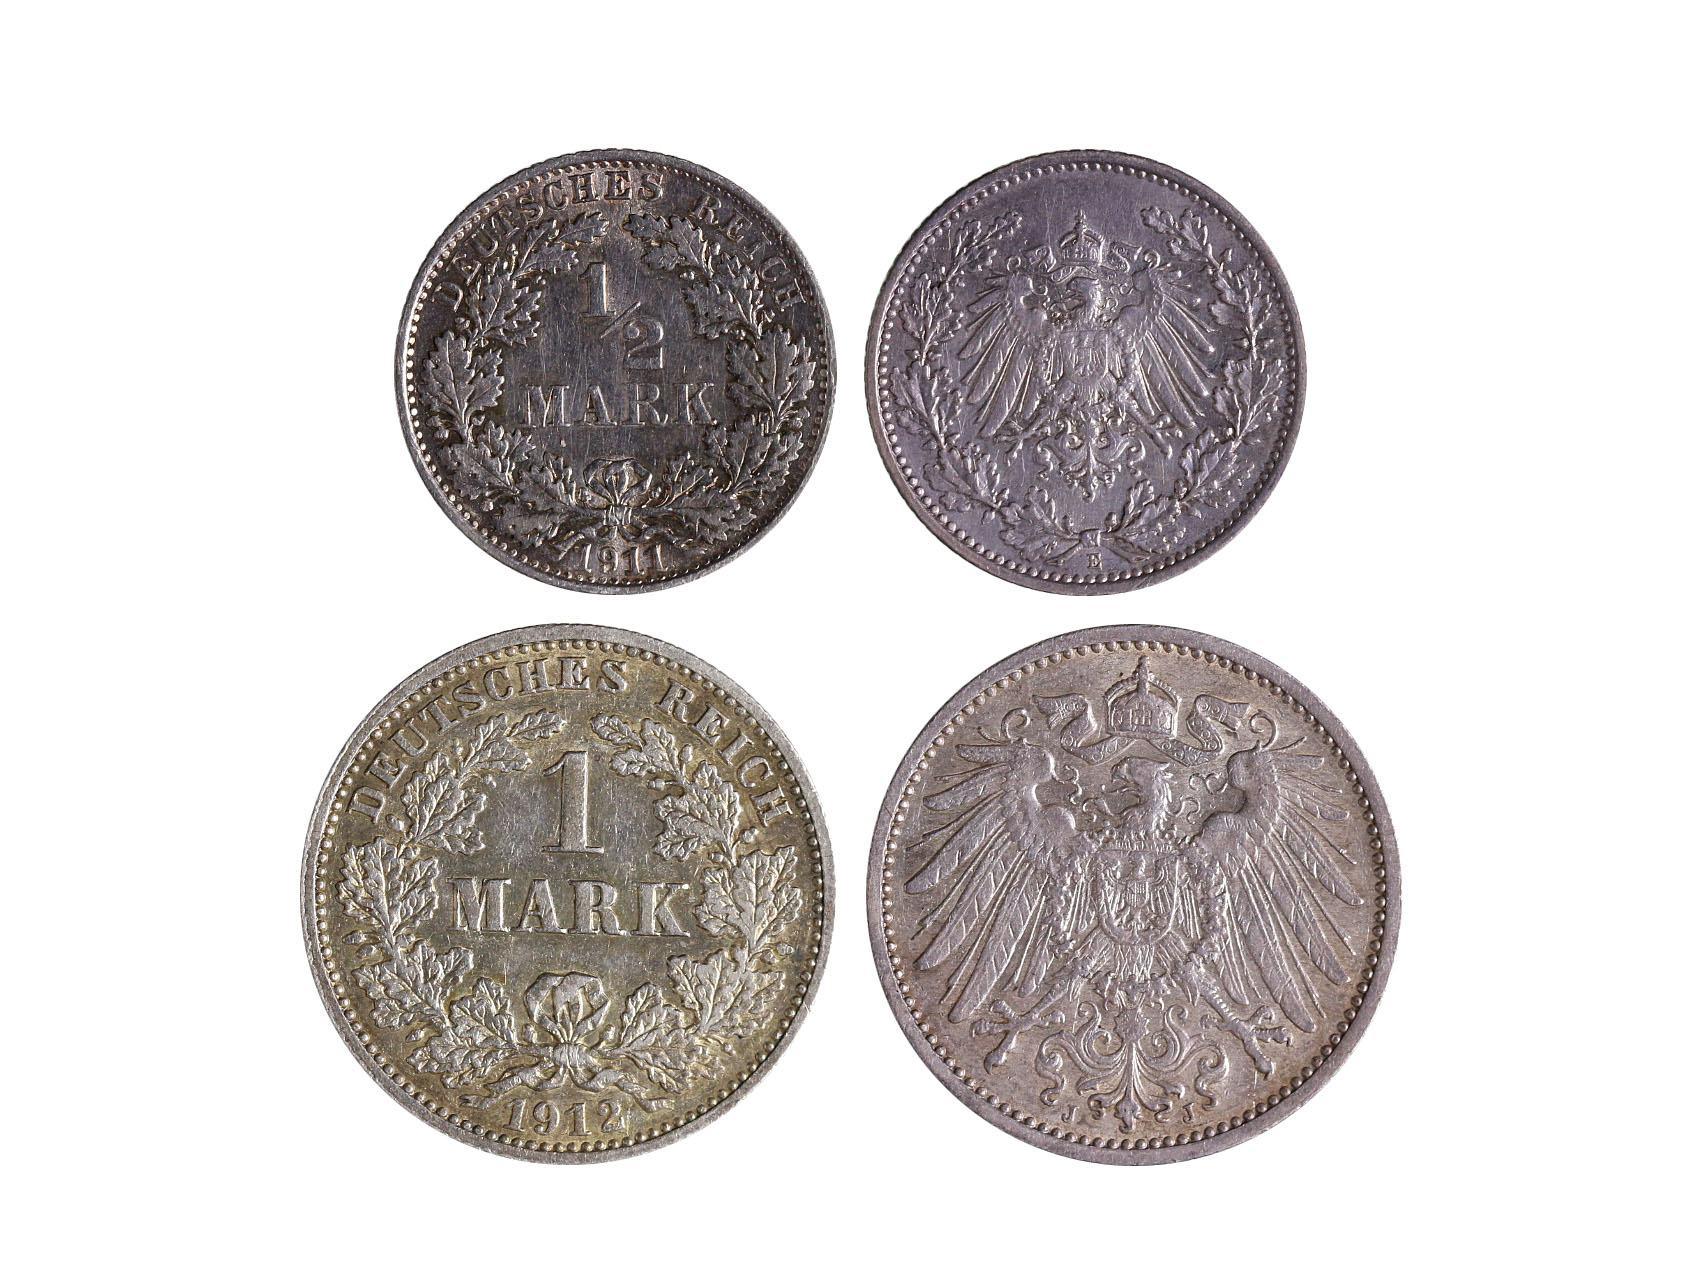 Císařství 1871-1918, Wilhelm II. 1888-1918 - 1/2 Marka 1911 E a 1 Marka 1912 J, KM 17, KM 14,